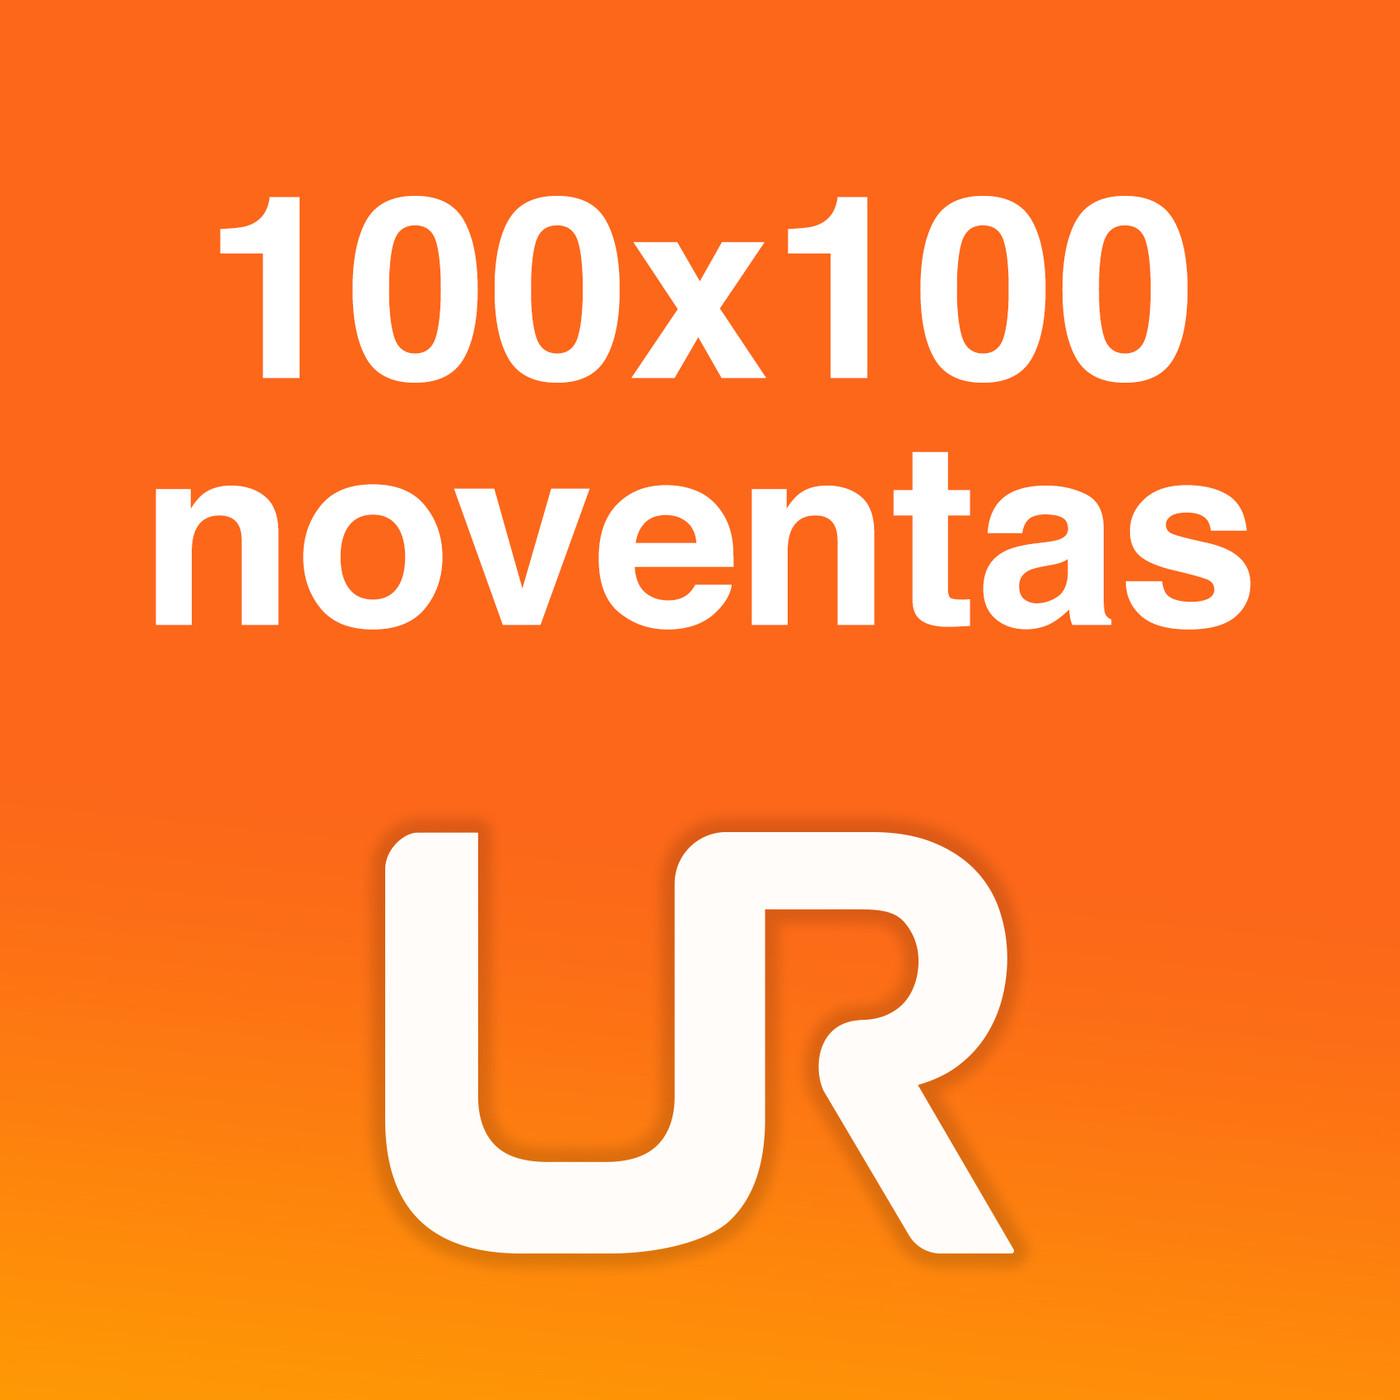 T6x01 - 100x100 NOVENTAS